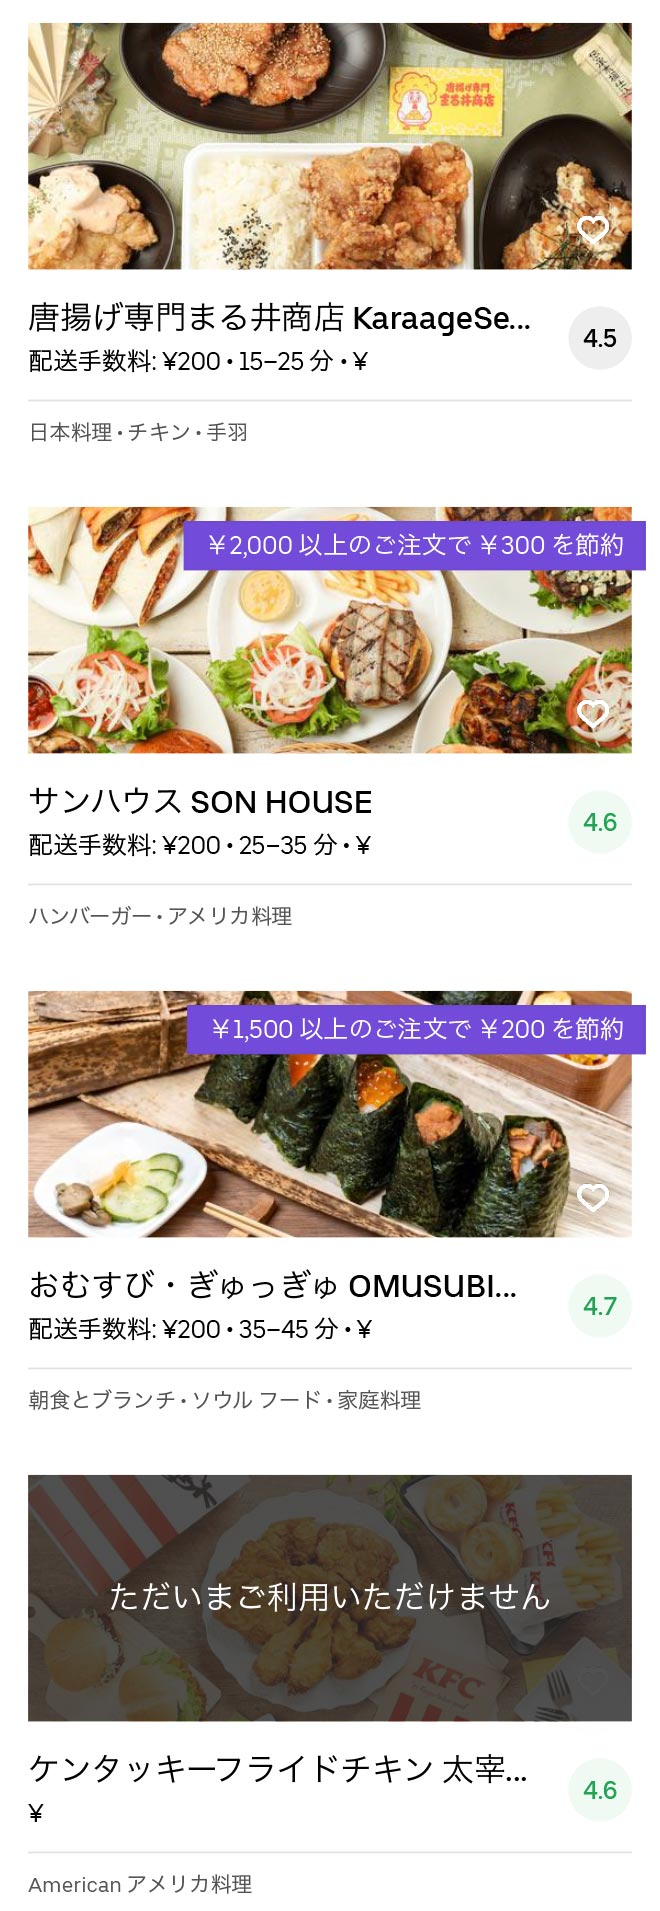 Dazaifu menu 2004 03